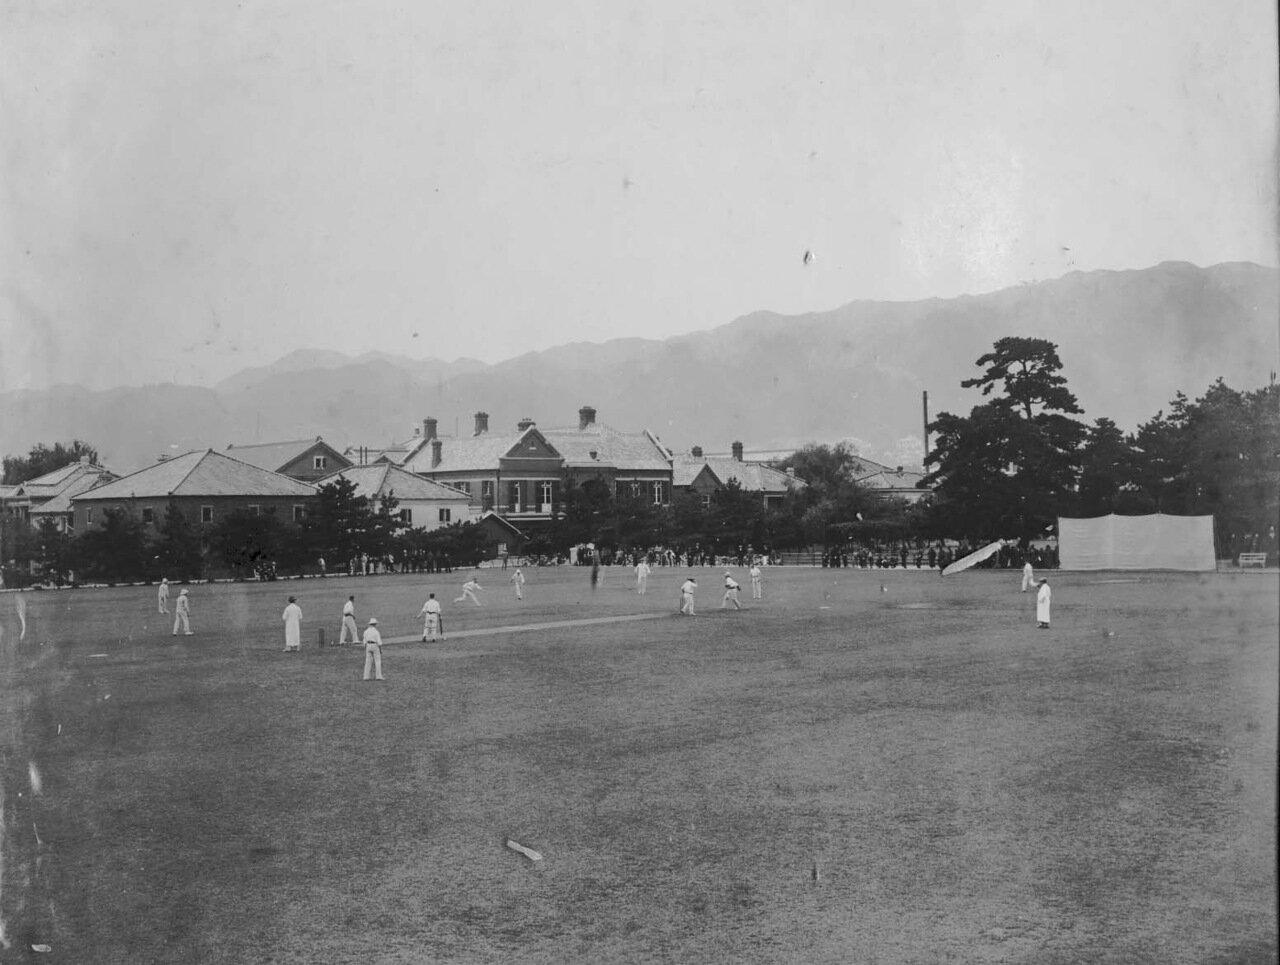 1880. Джон Кэри Холл играет в крикет в Японии. 1880